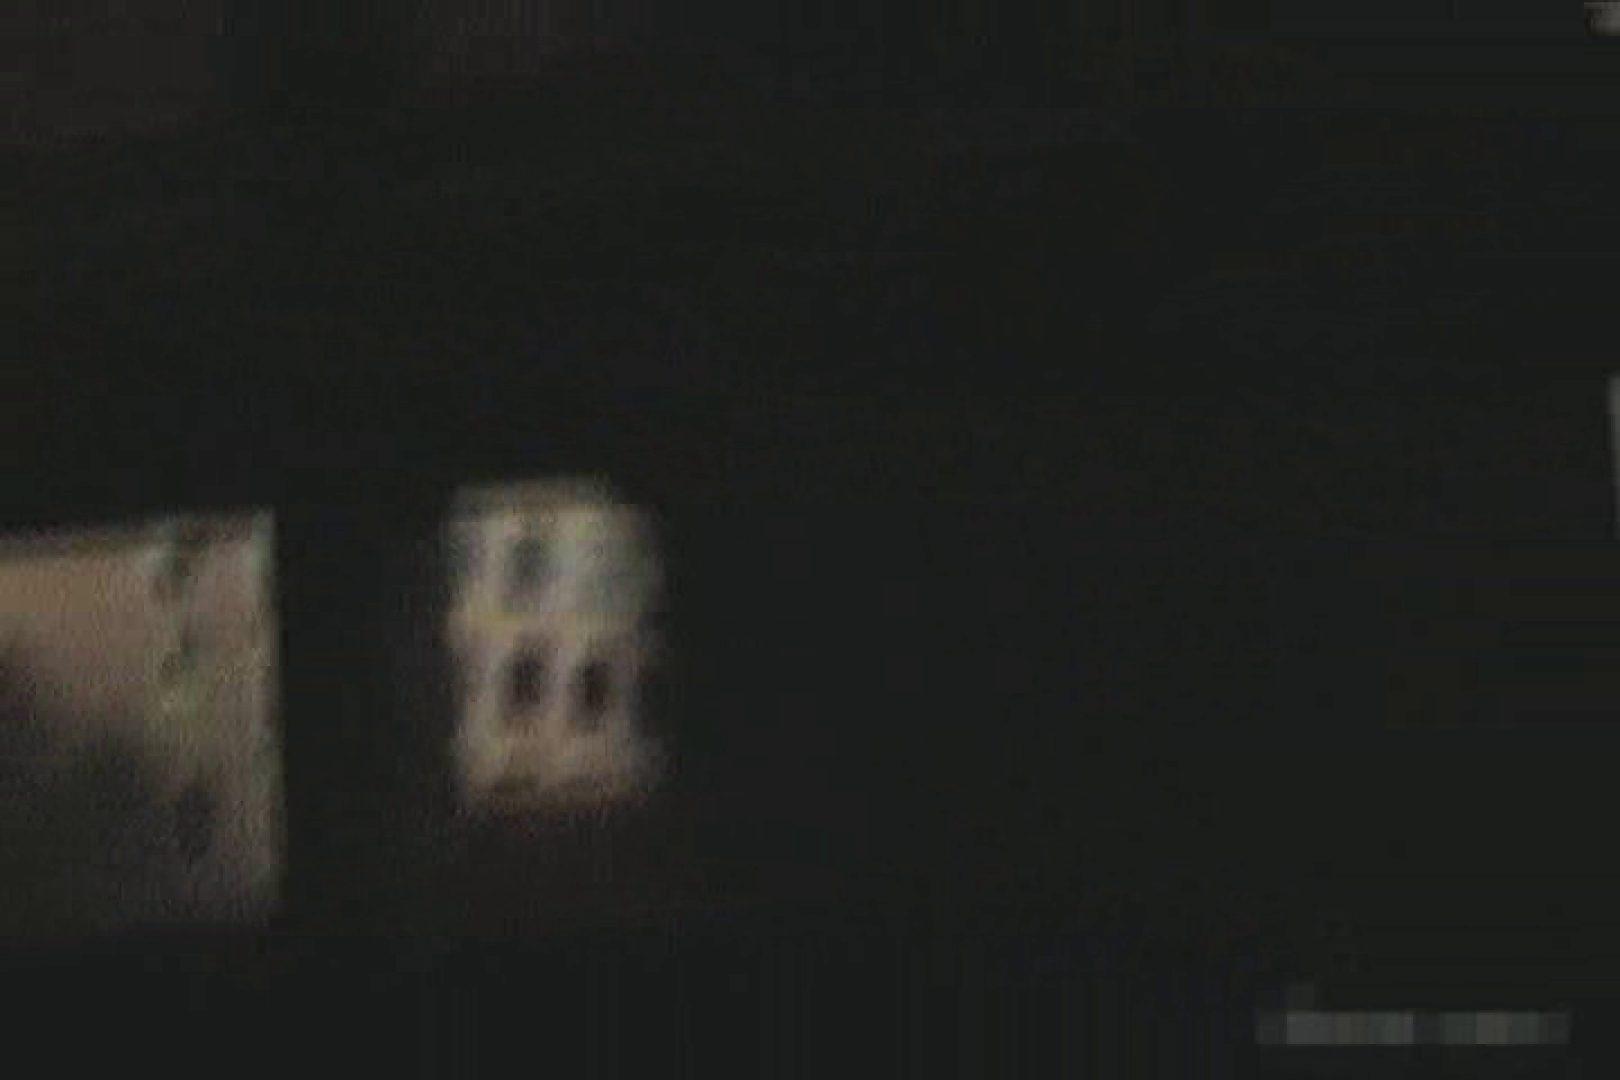 激撮ストーカー記録あなたのお宅拝見しますVol.6 オナニー オマンコ無修正動画無料 85pic 11